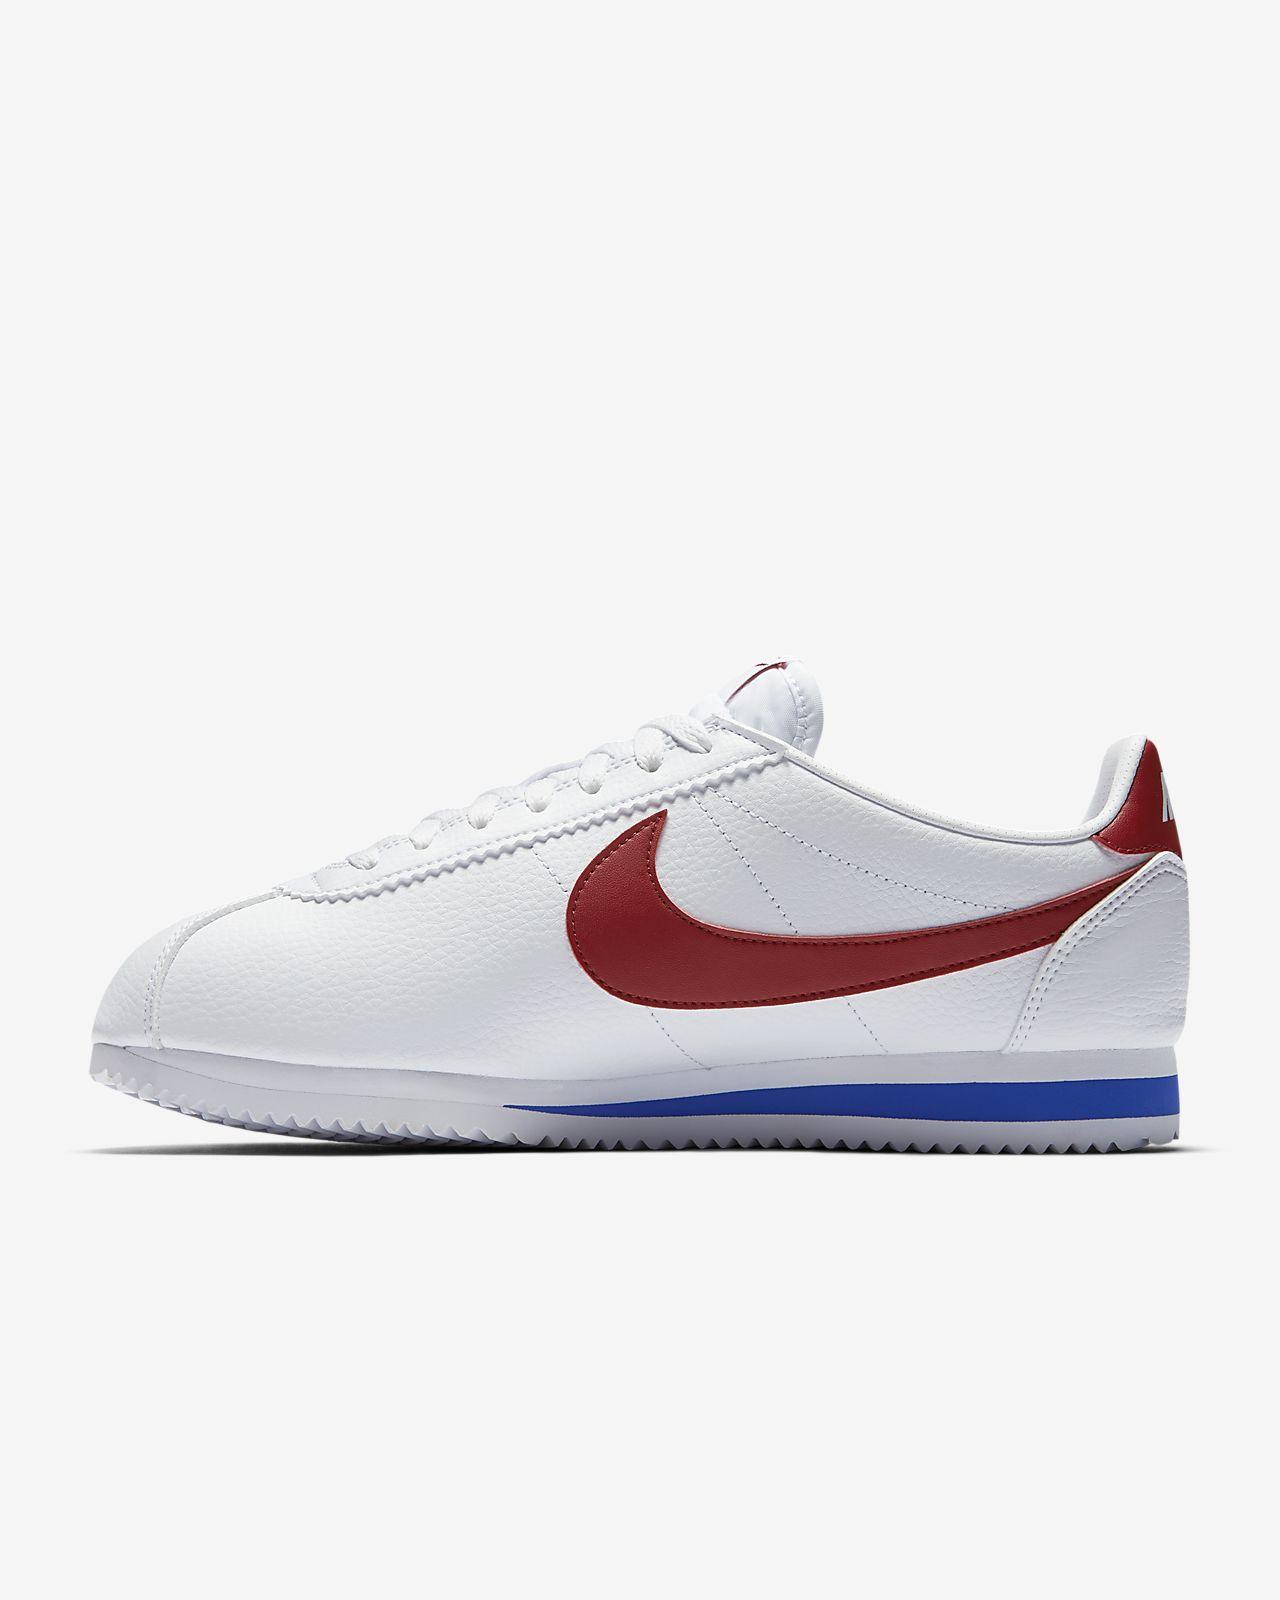 new concept dbc39 3b4d9 ... Sko Nike Classic Cortez för män